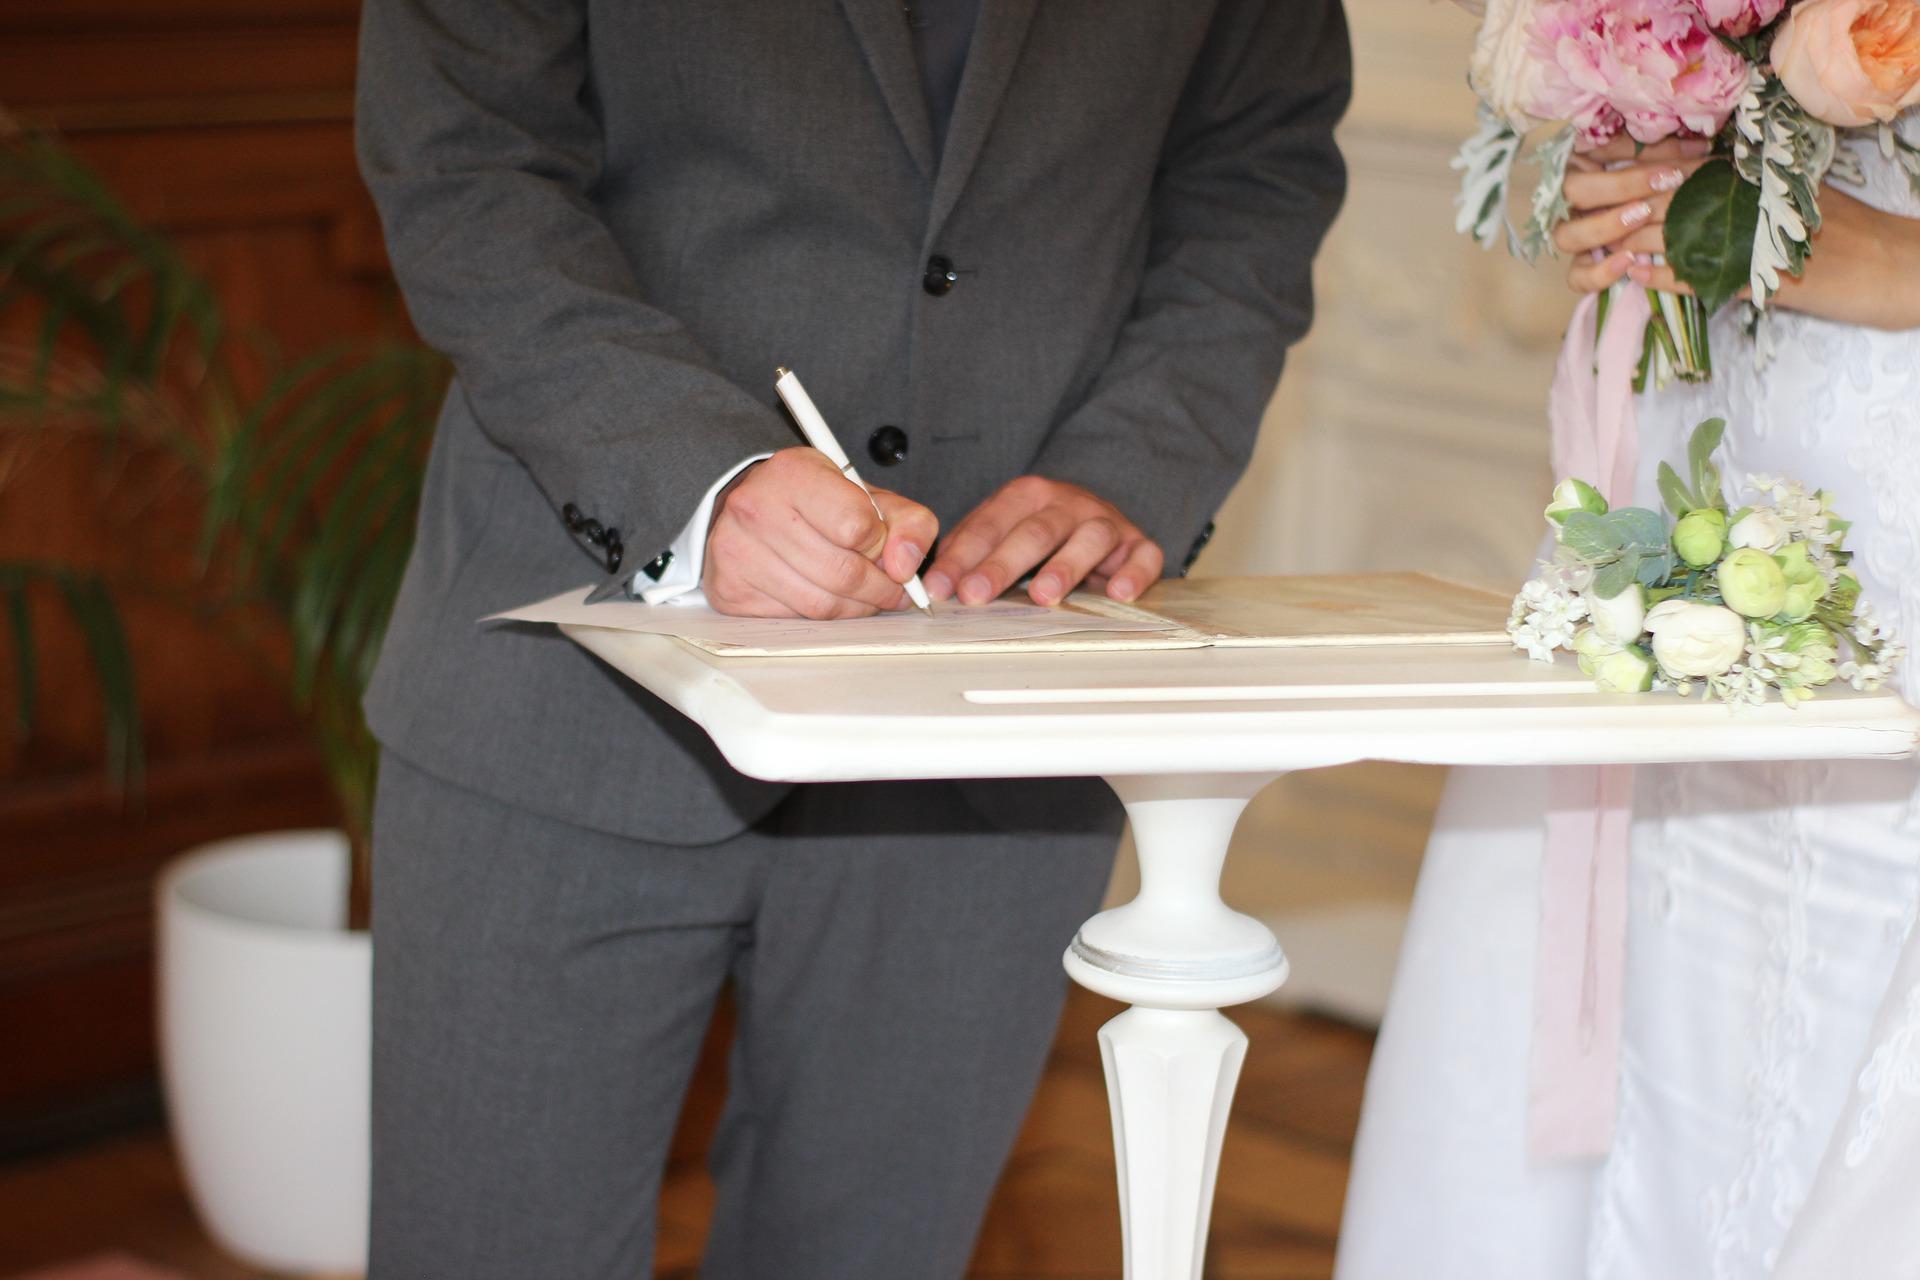 Co ze ślubami? Kuria wydała oświadczenie  - Zdjęcie główne